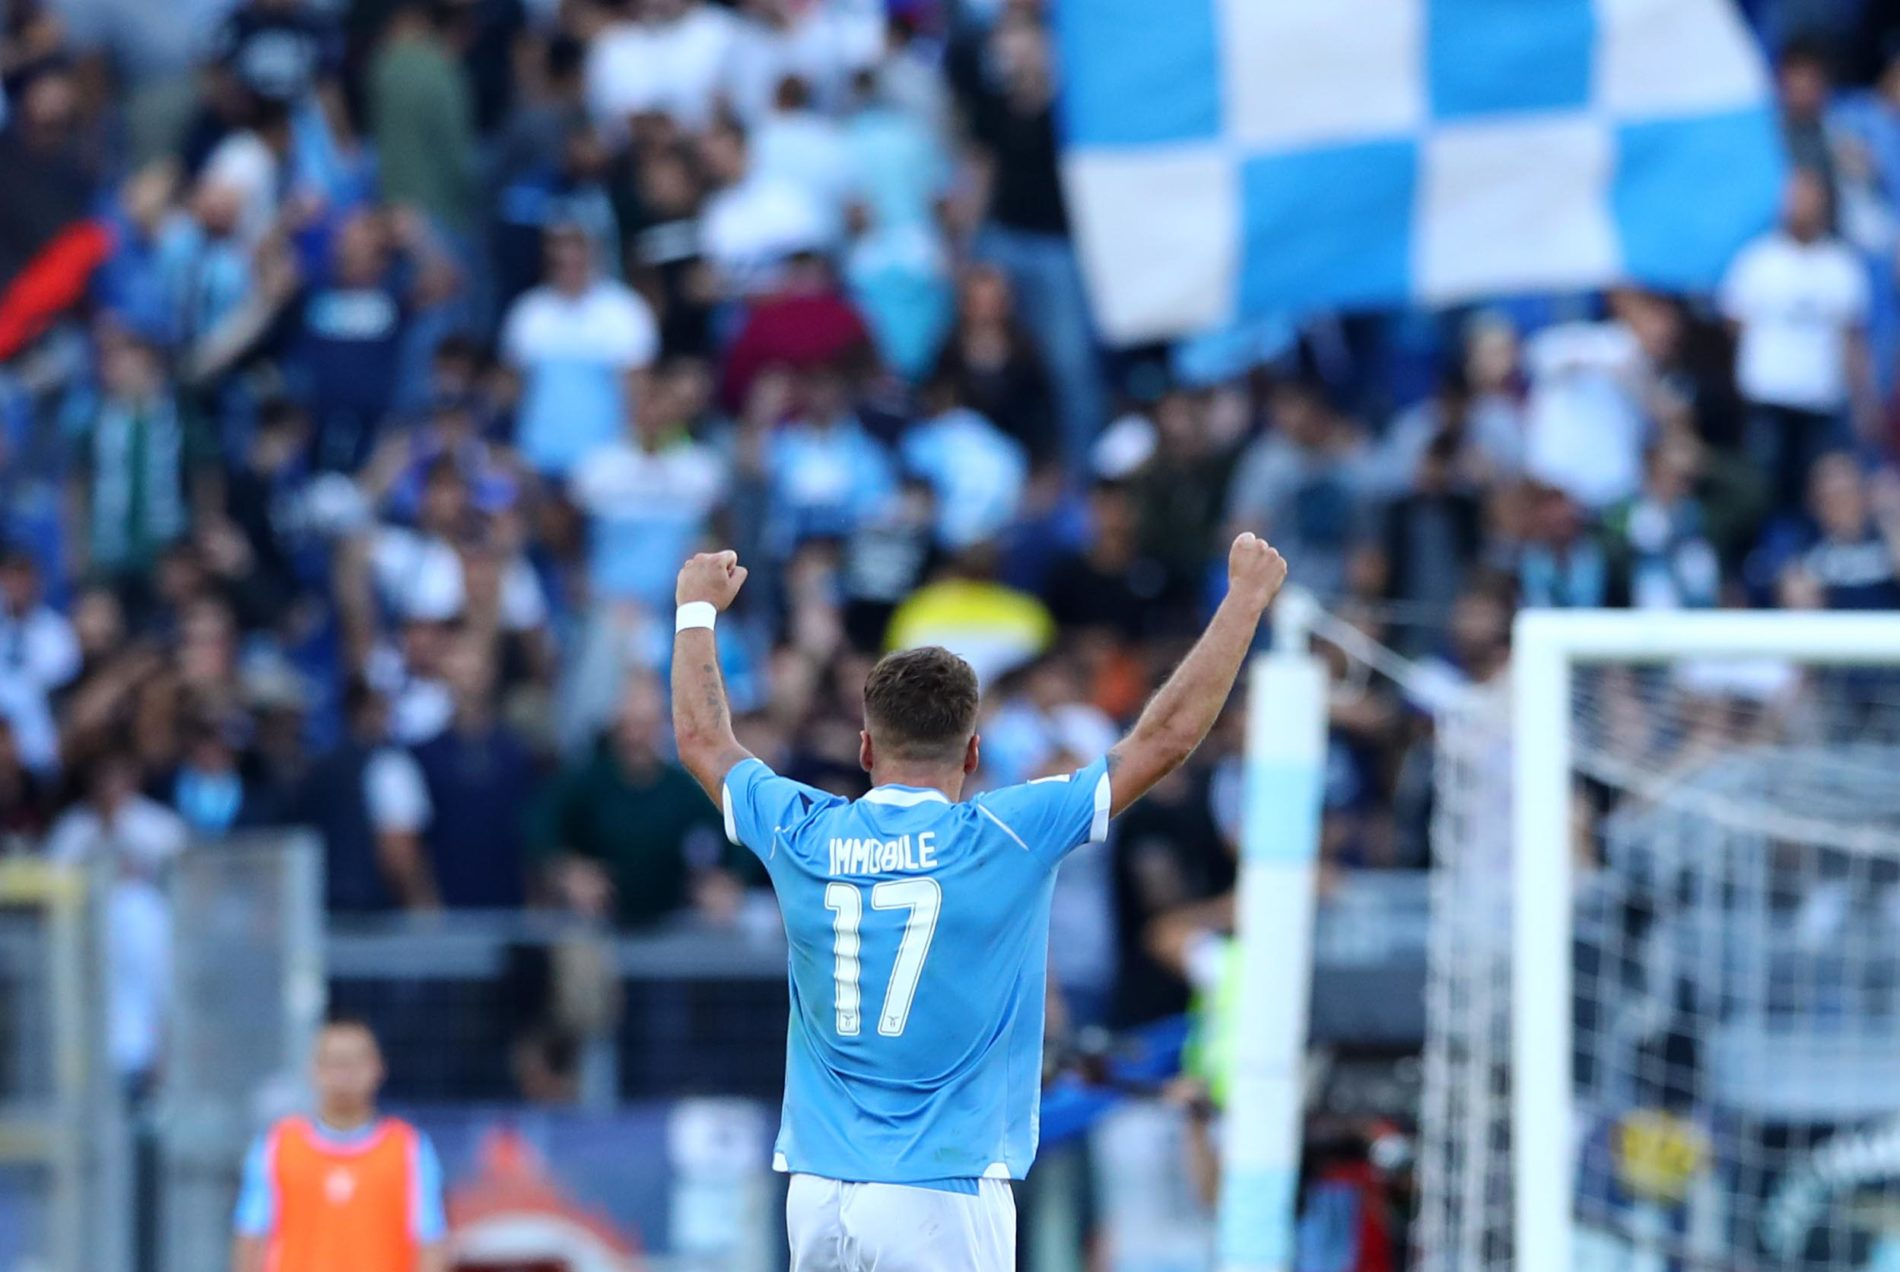 Immobile sul podio dei goleador nella Top 5 dei campionati europei